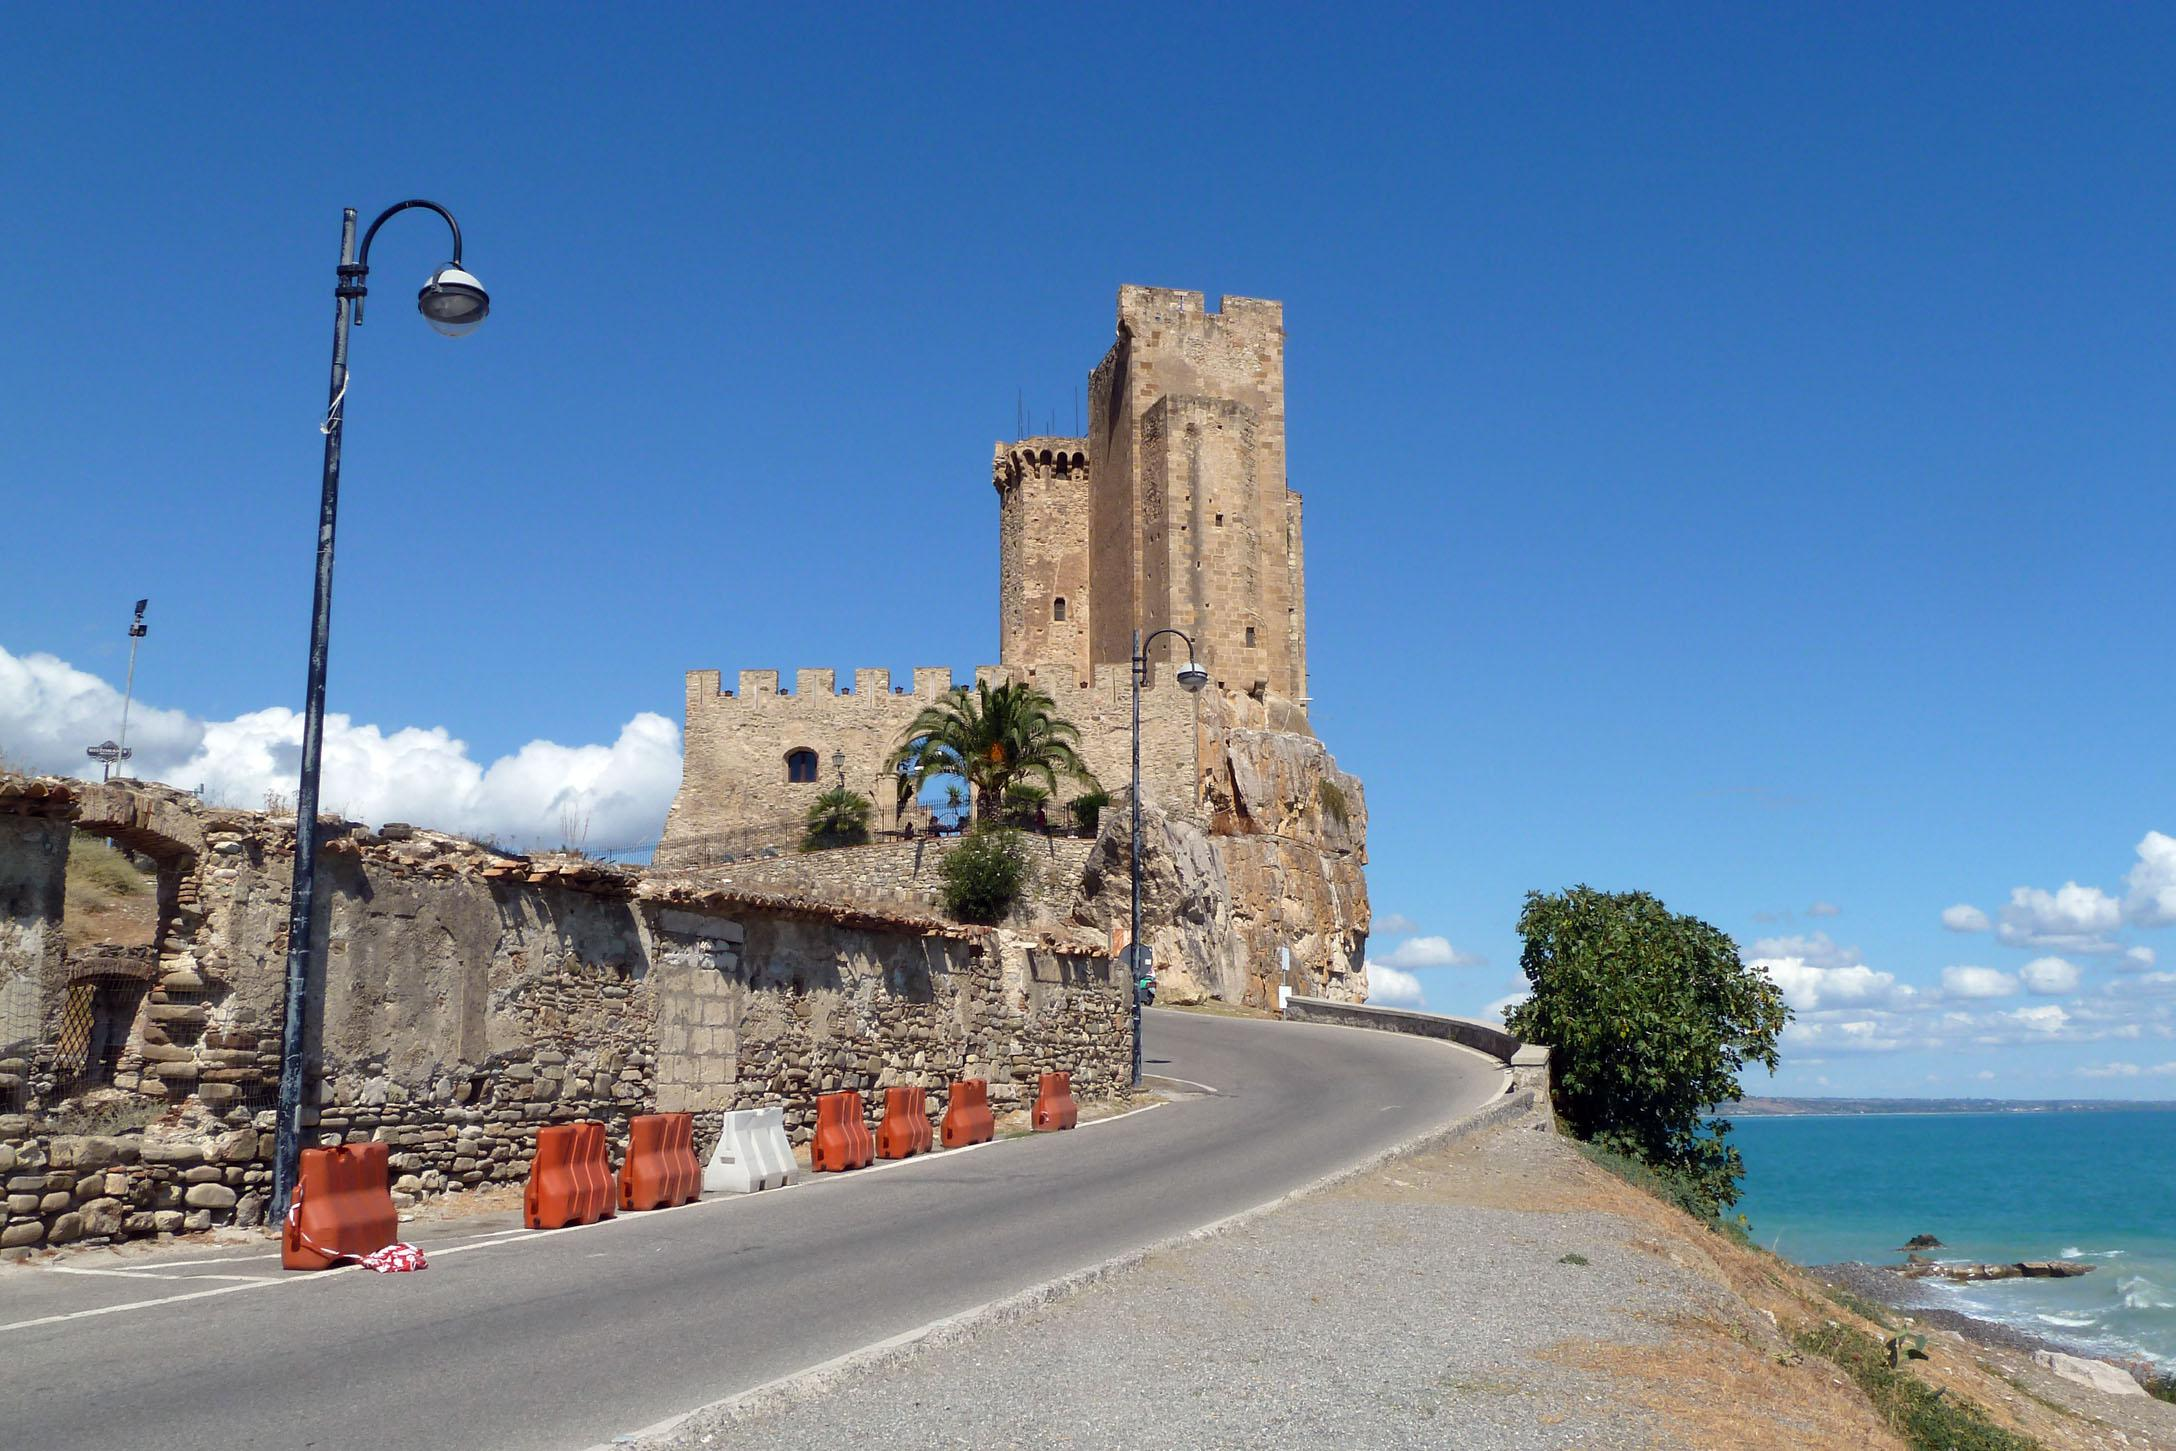 castello-templare-federiciano